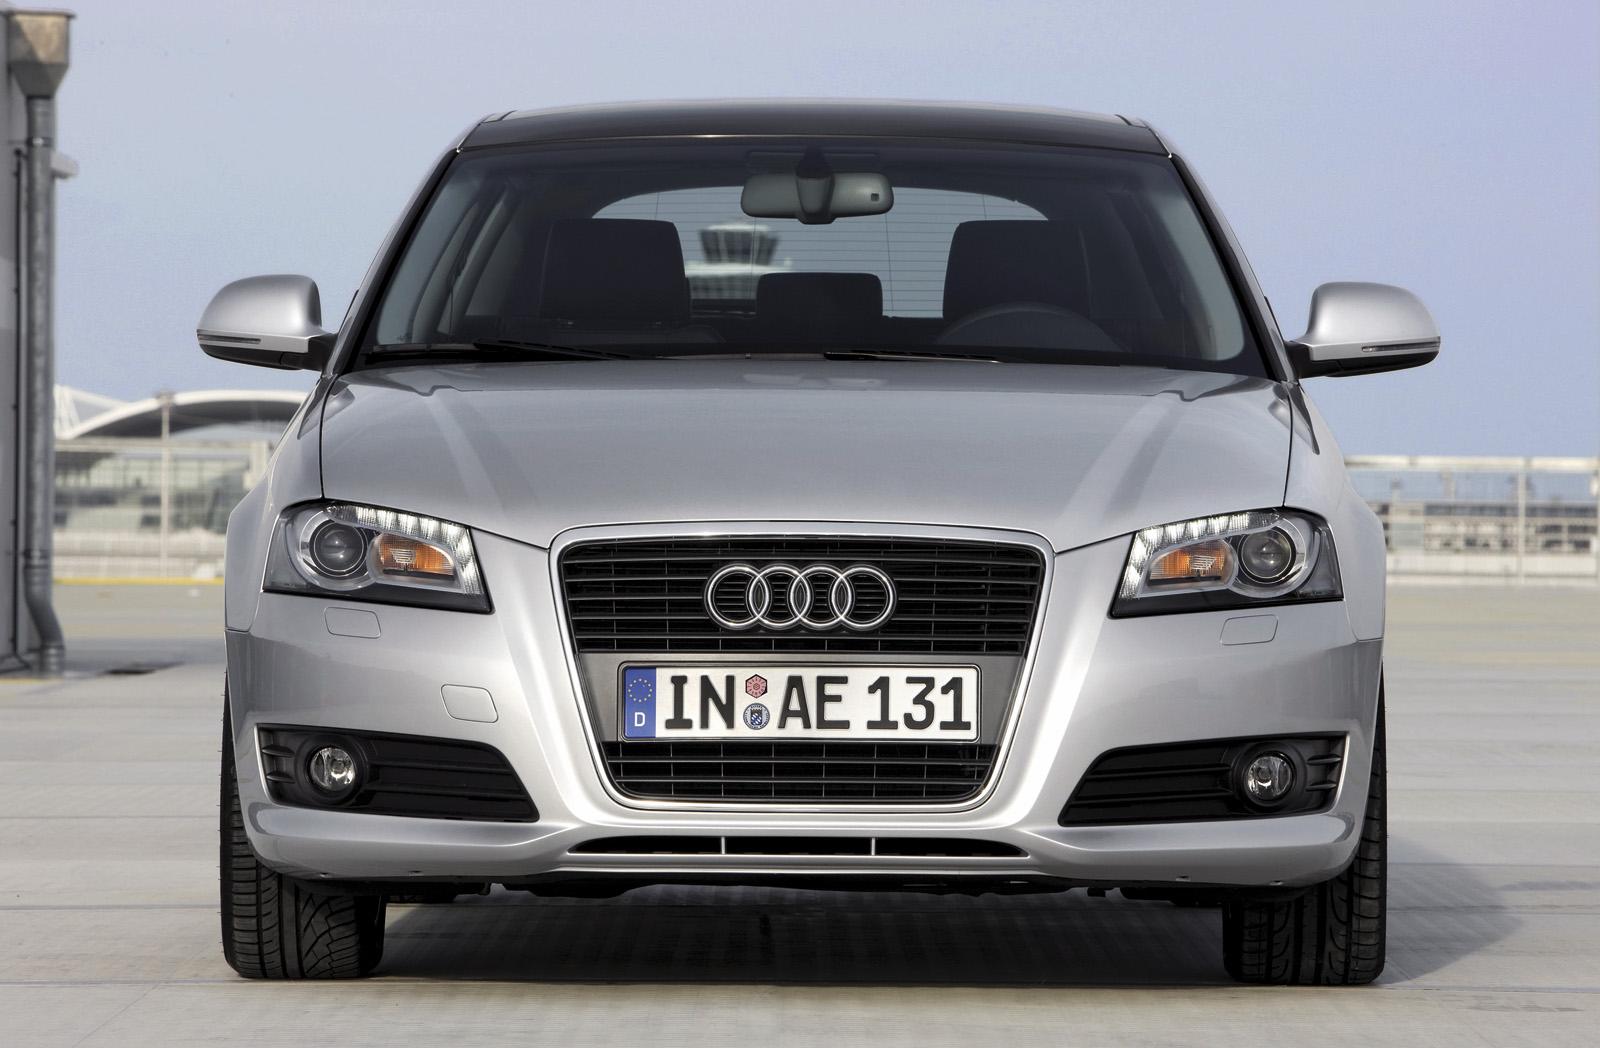 Foto audi a3 sportback frontal 2008 audi coches historicos for Dimensioni audi a3 sportback 2008